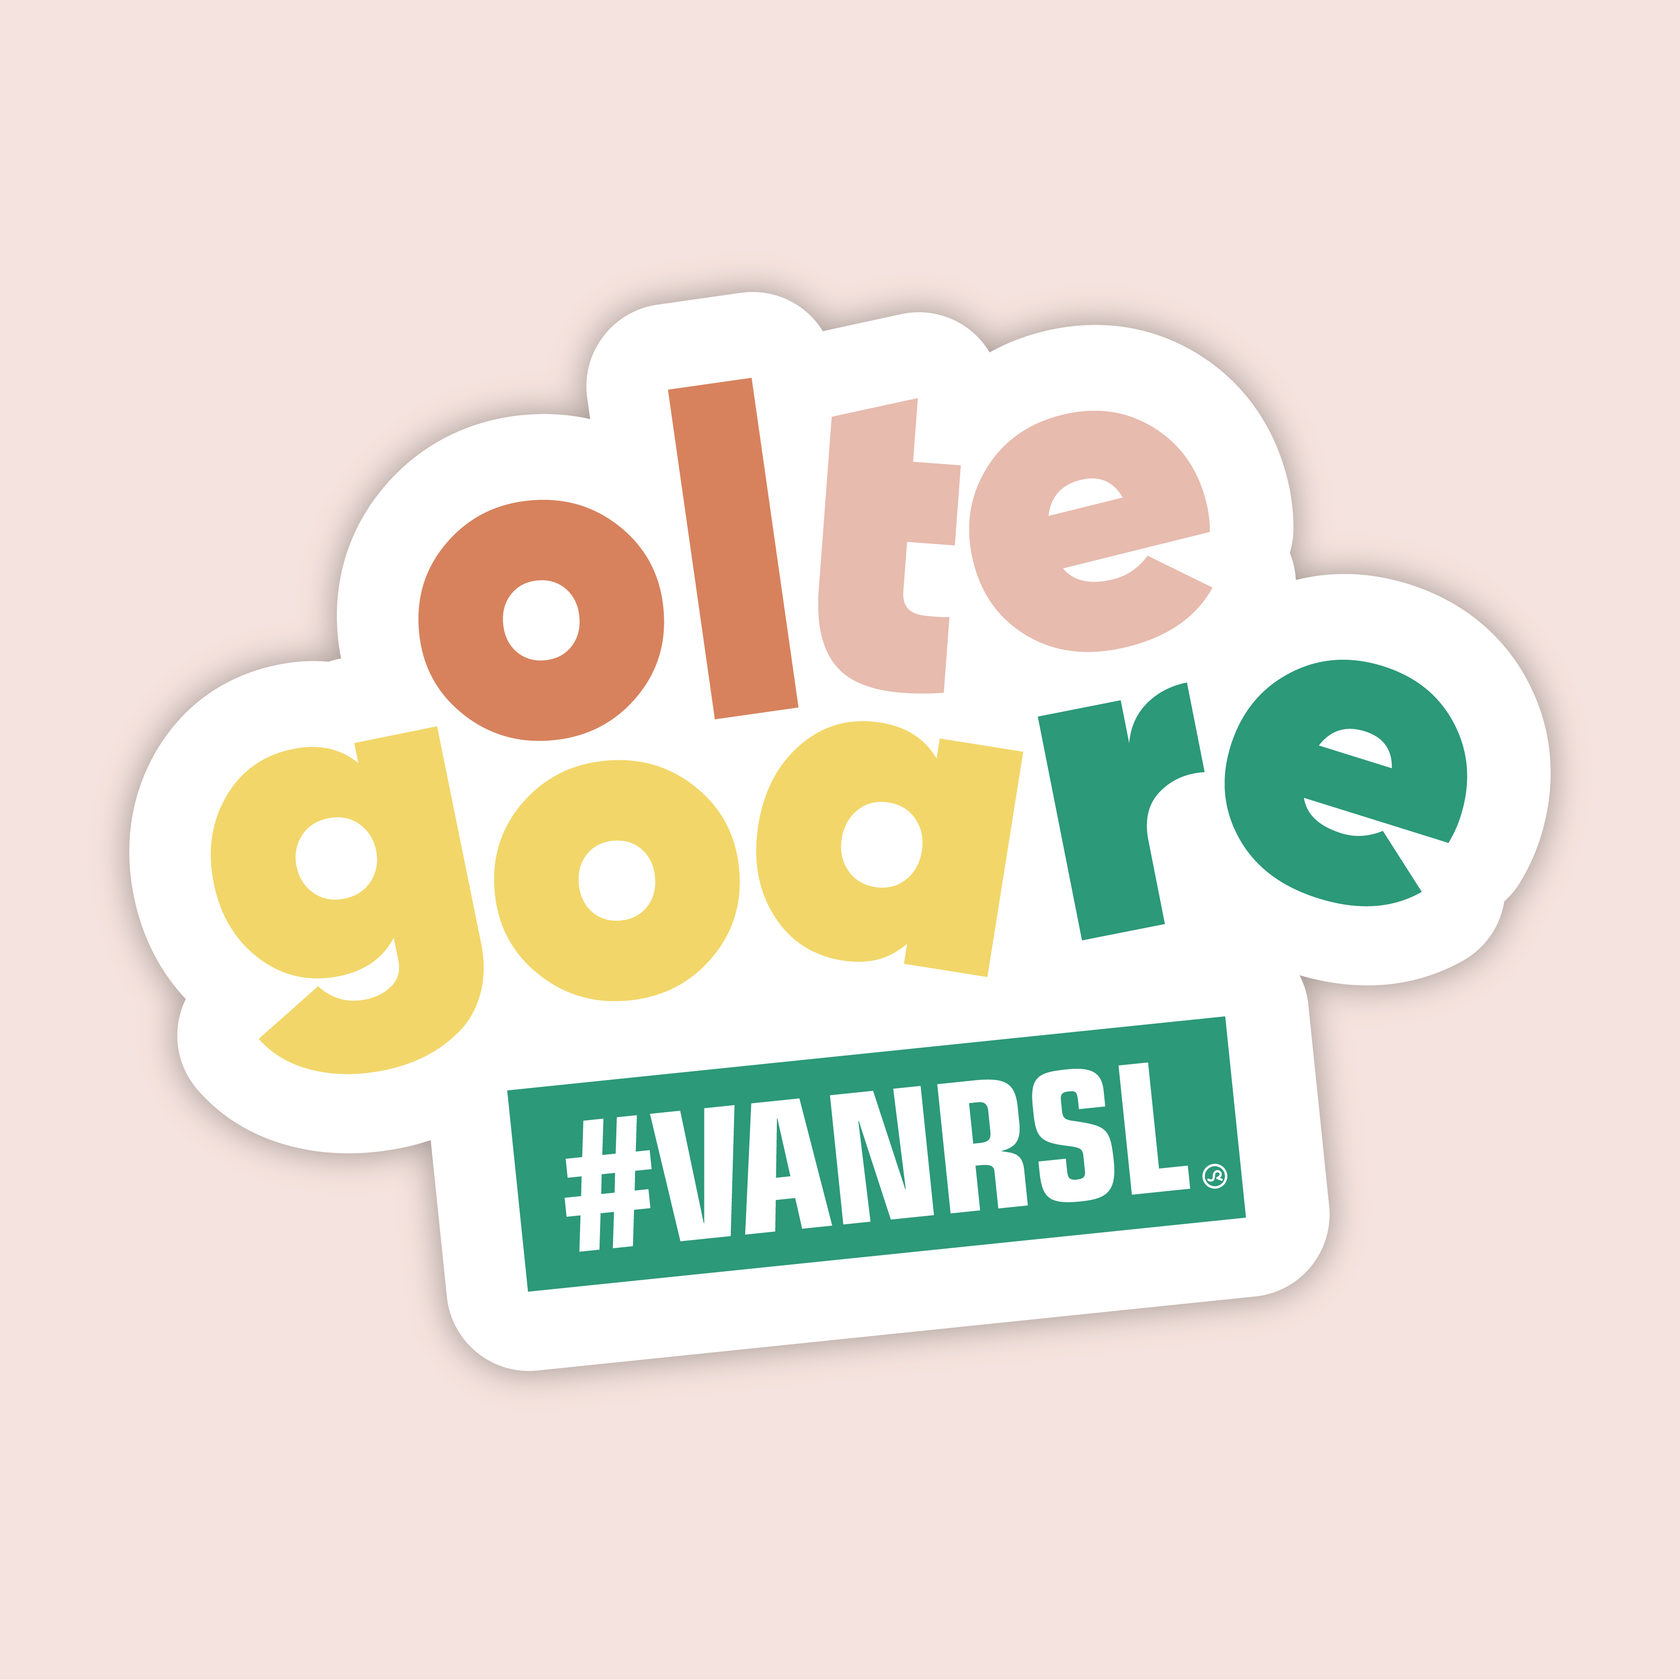 Logo Oltegoarevanrsl #vanrsl Stad Roeselare door Studio Arsène